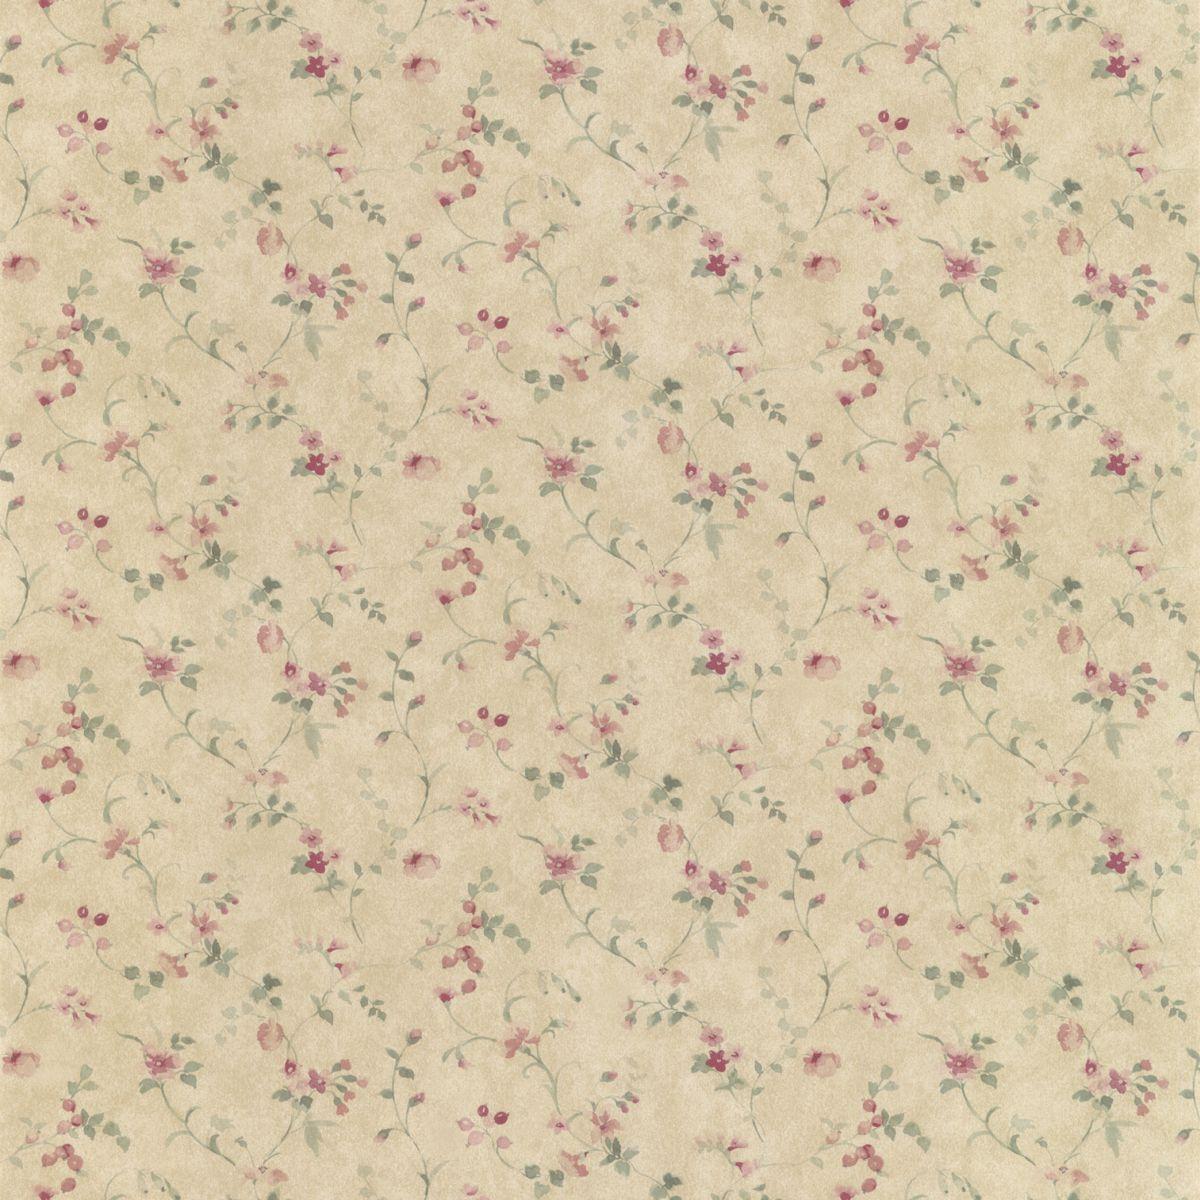 Landhaus Tapeten G?nstig : Decowunder Tapeten Landhaus Tapete Floral Prints PR33822 g?nstig